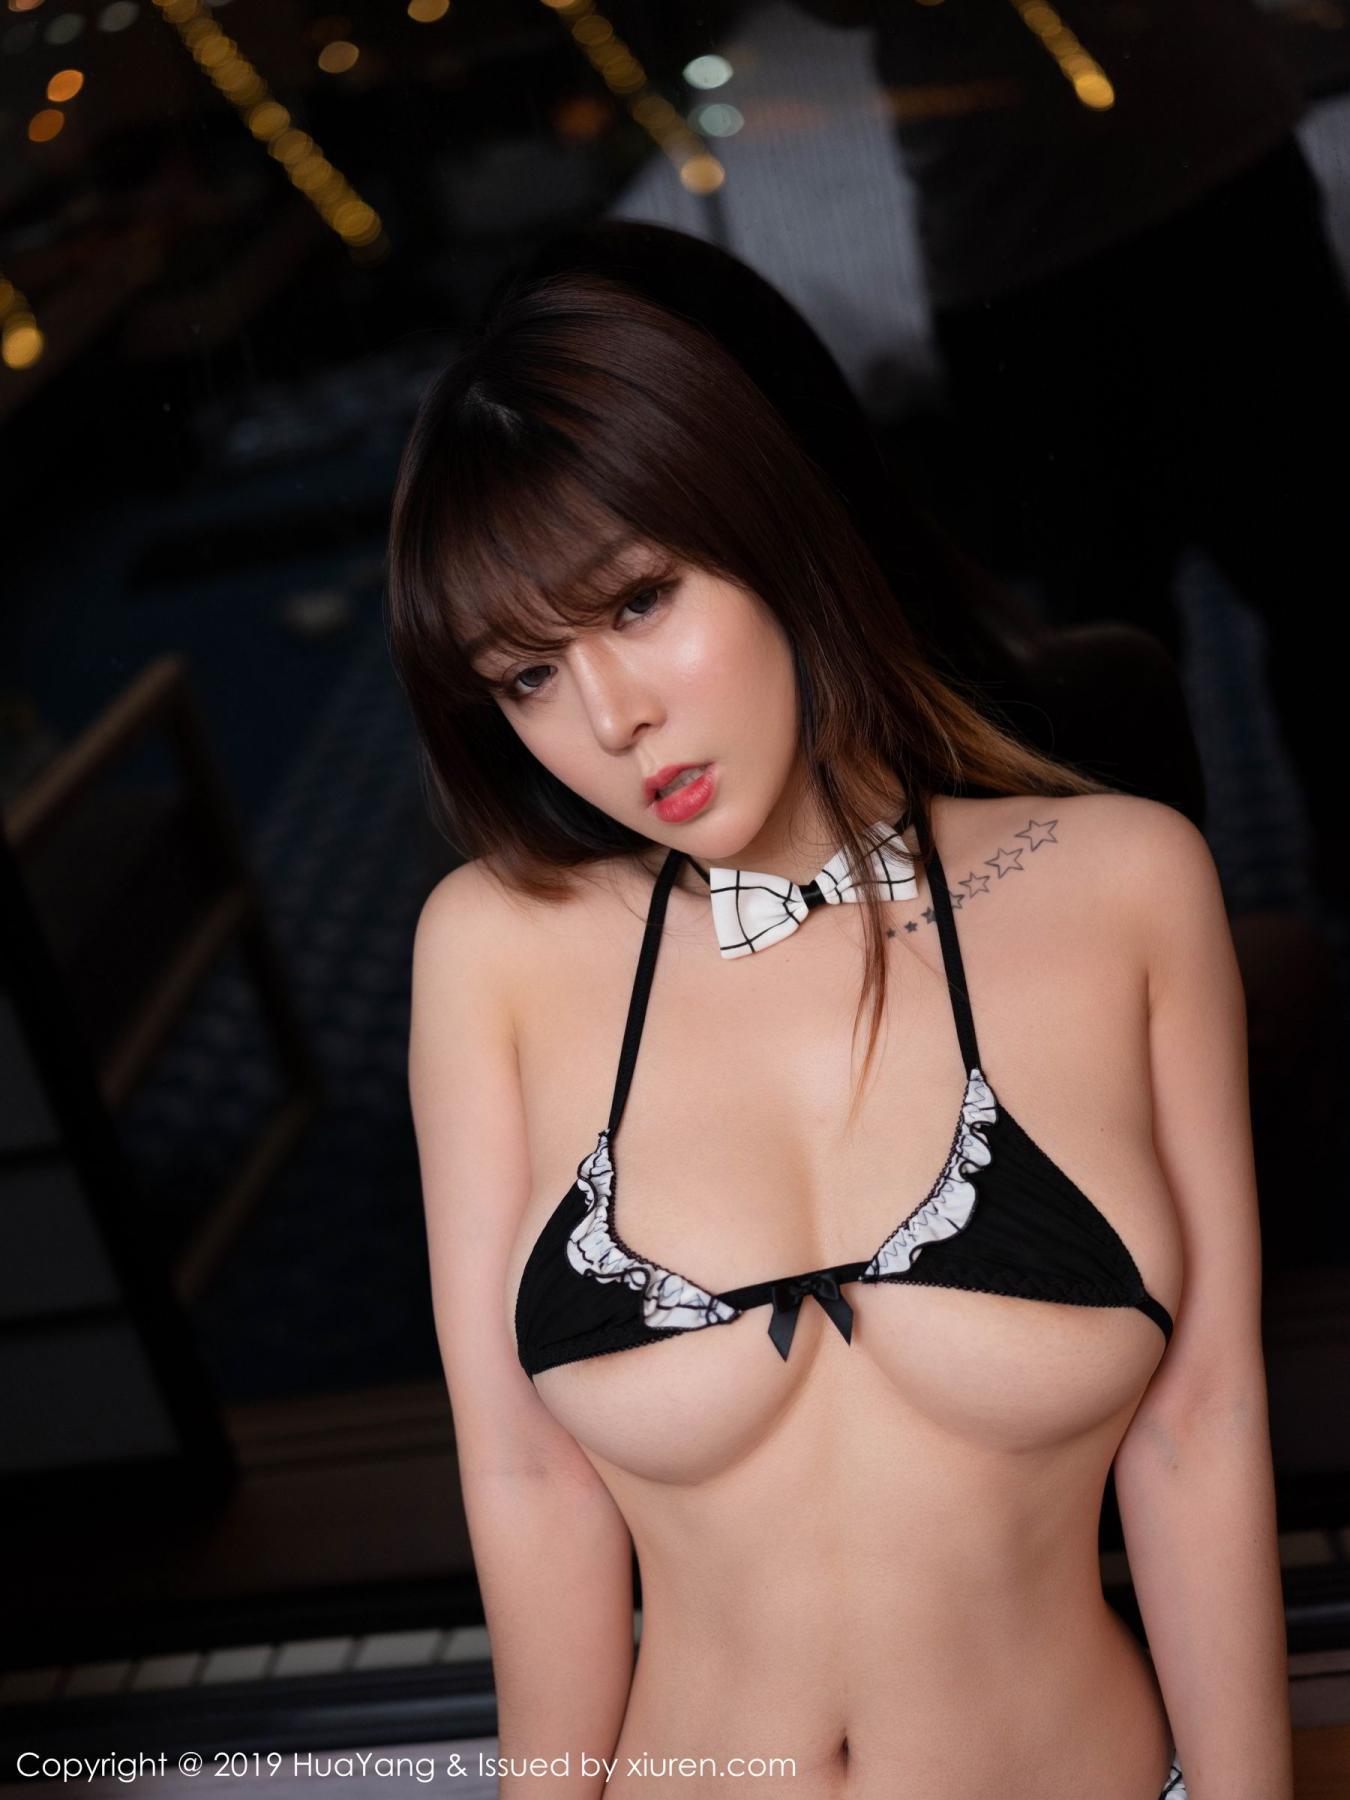 [Huayang] Vol.146 Wang Yu Chun 14P, HuaYang, Sexy, Underwear, Wang Yu Chun